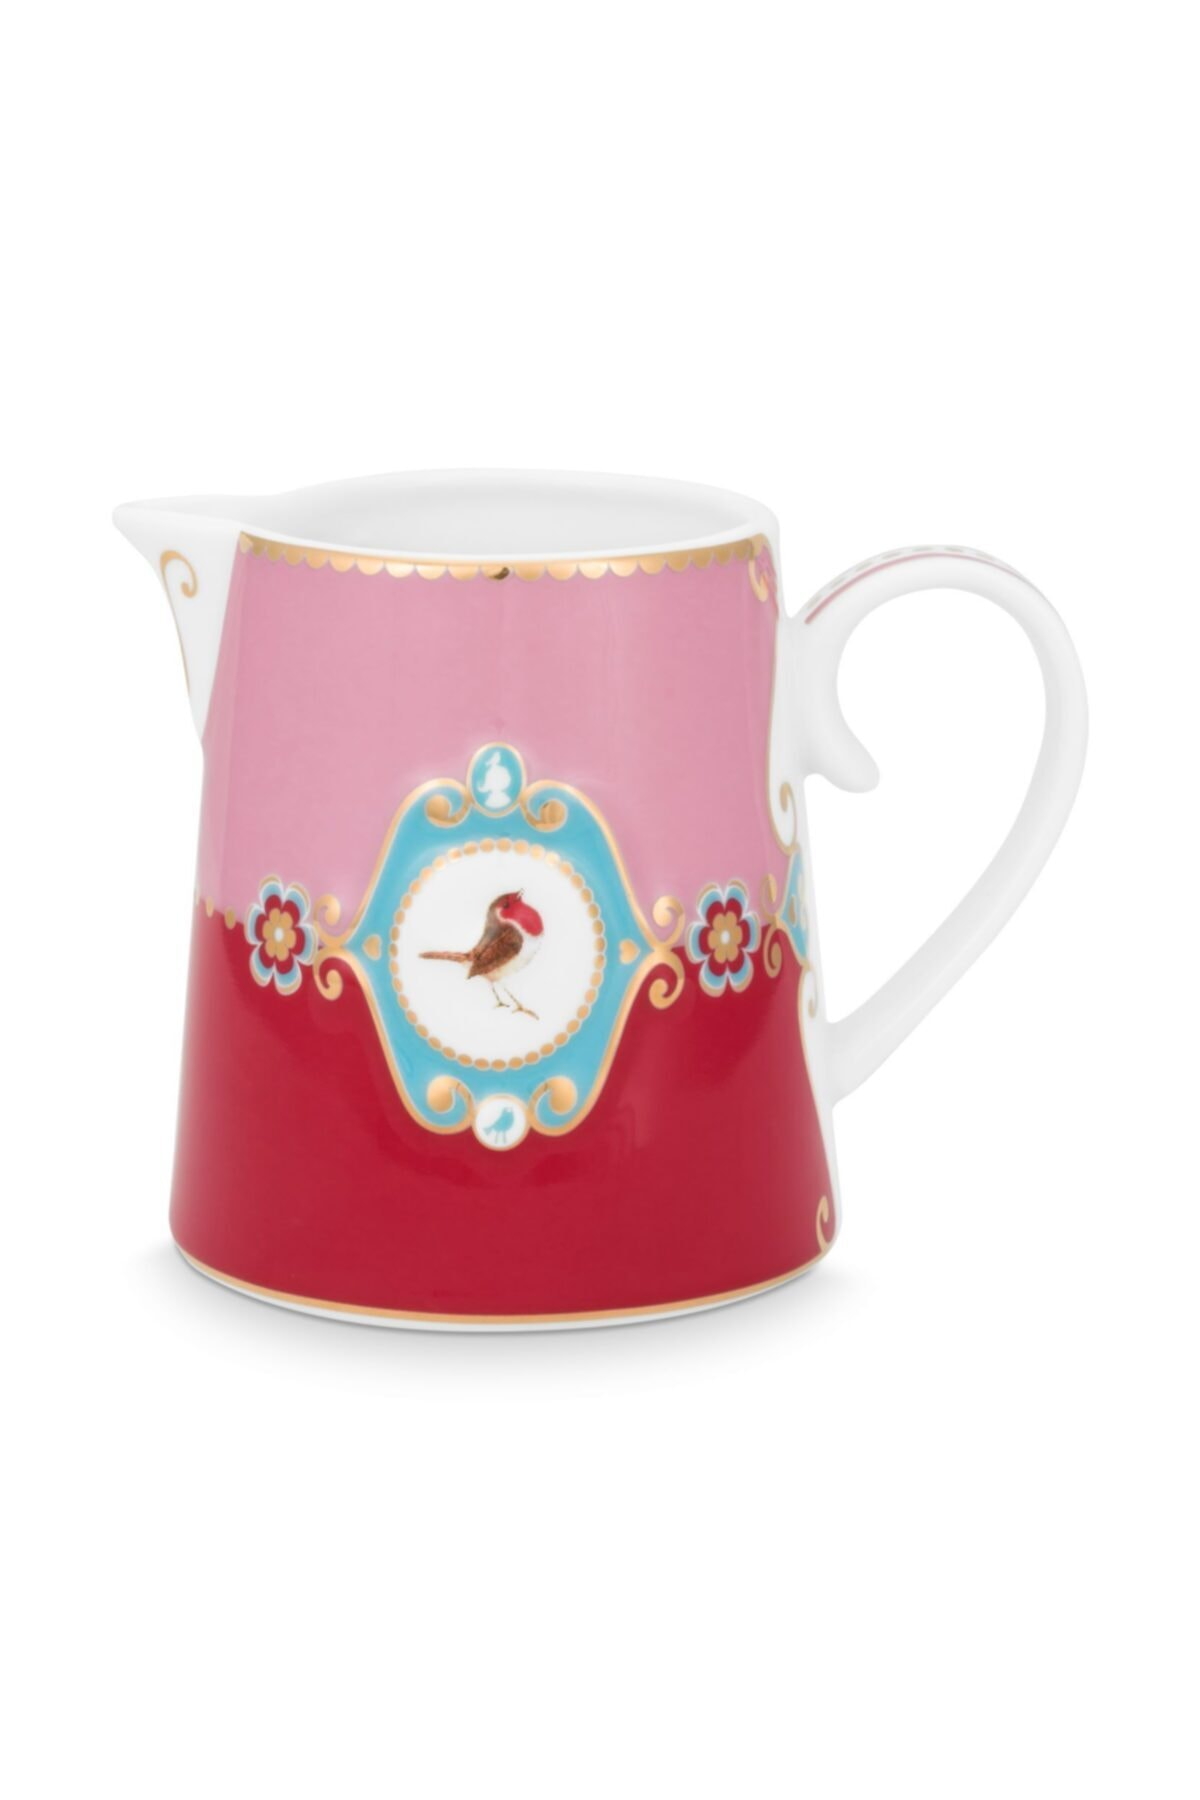 Love Bird Pembe/kırmızı Madalyon Desenli Sütlük 270 Ml